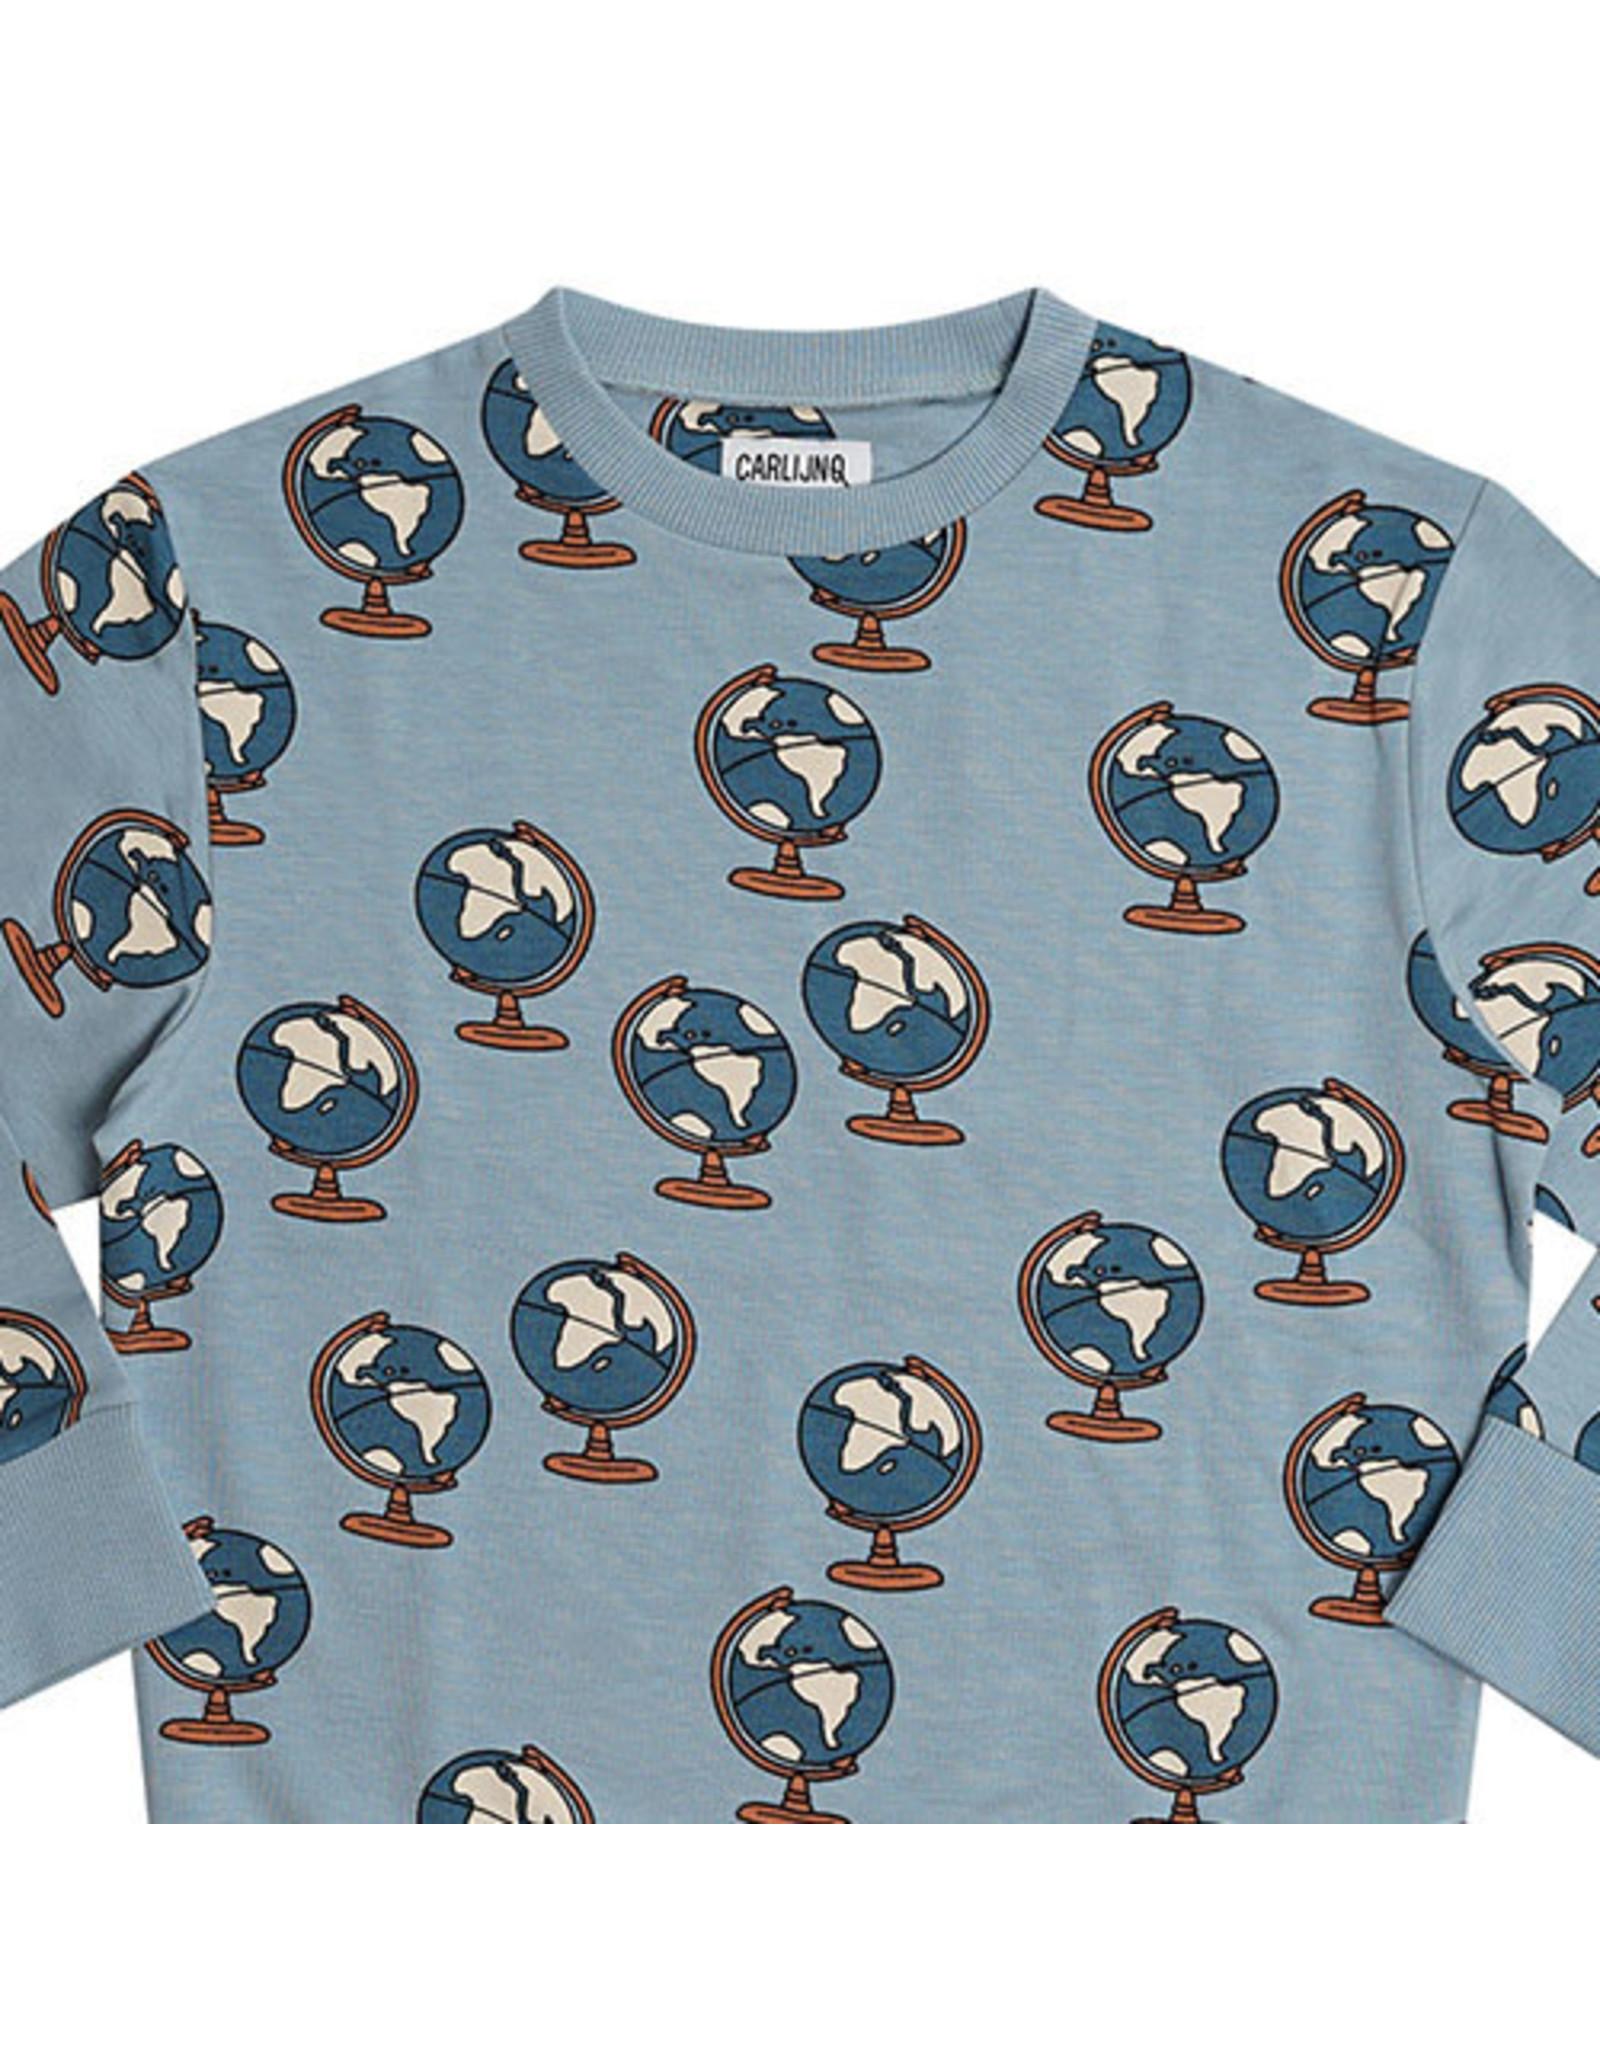 Carlijn Q Carlijn Q Globe sweater boy